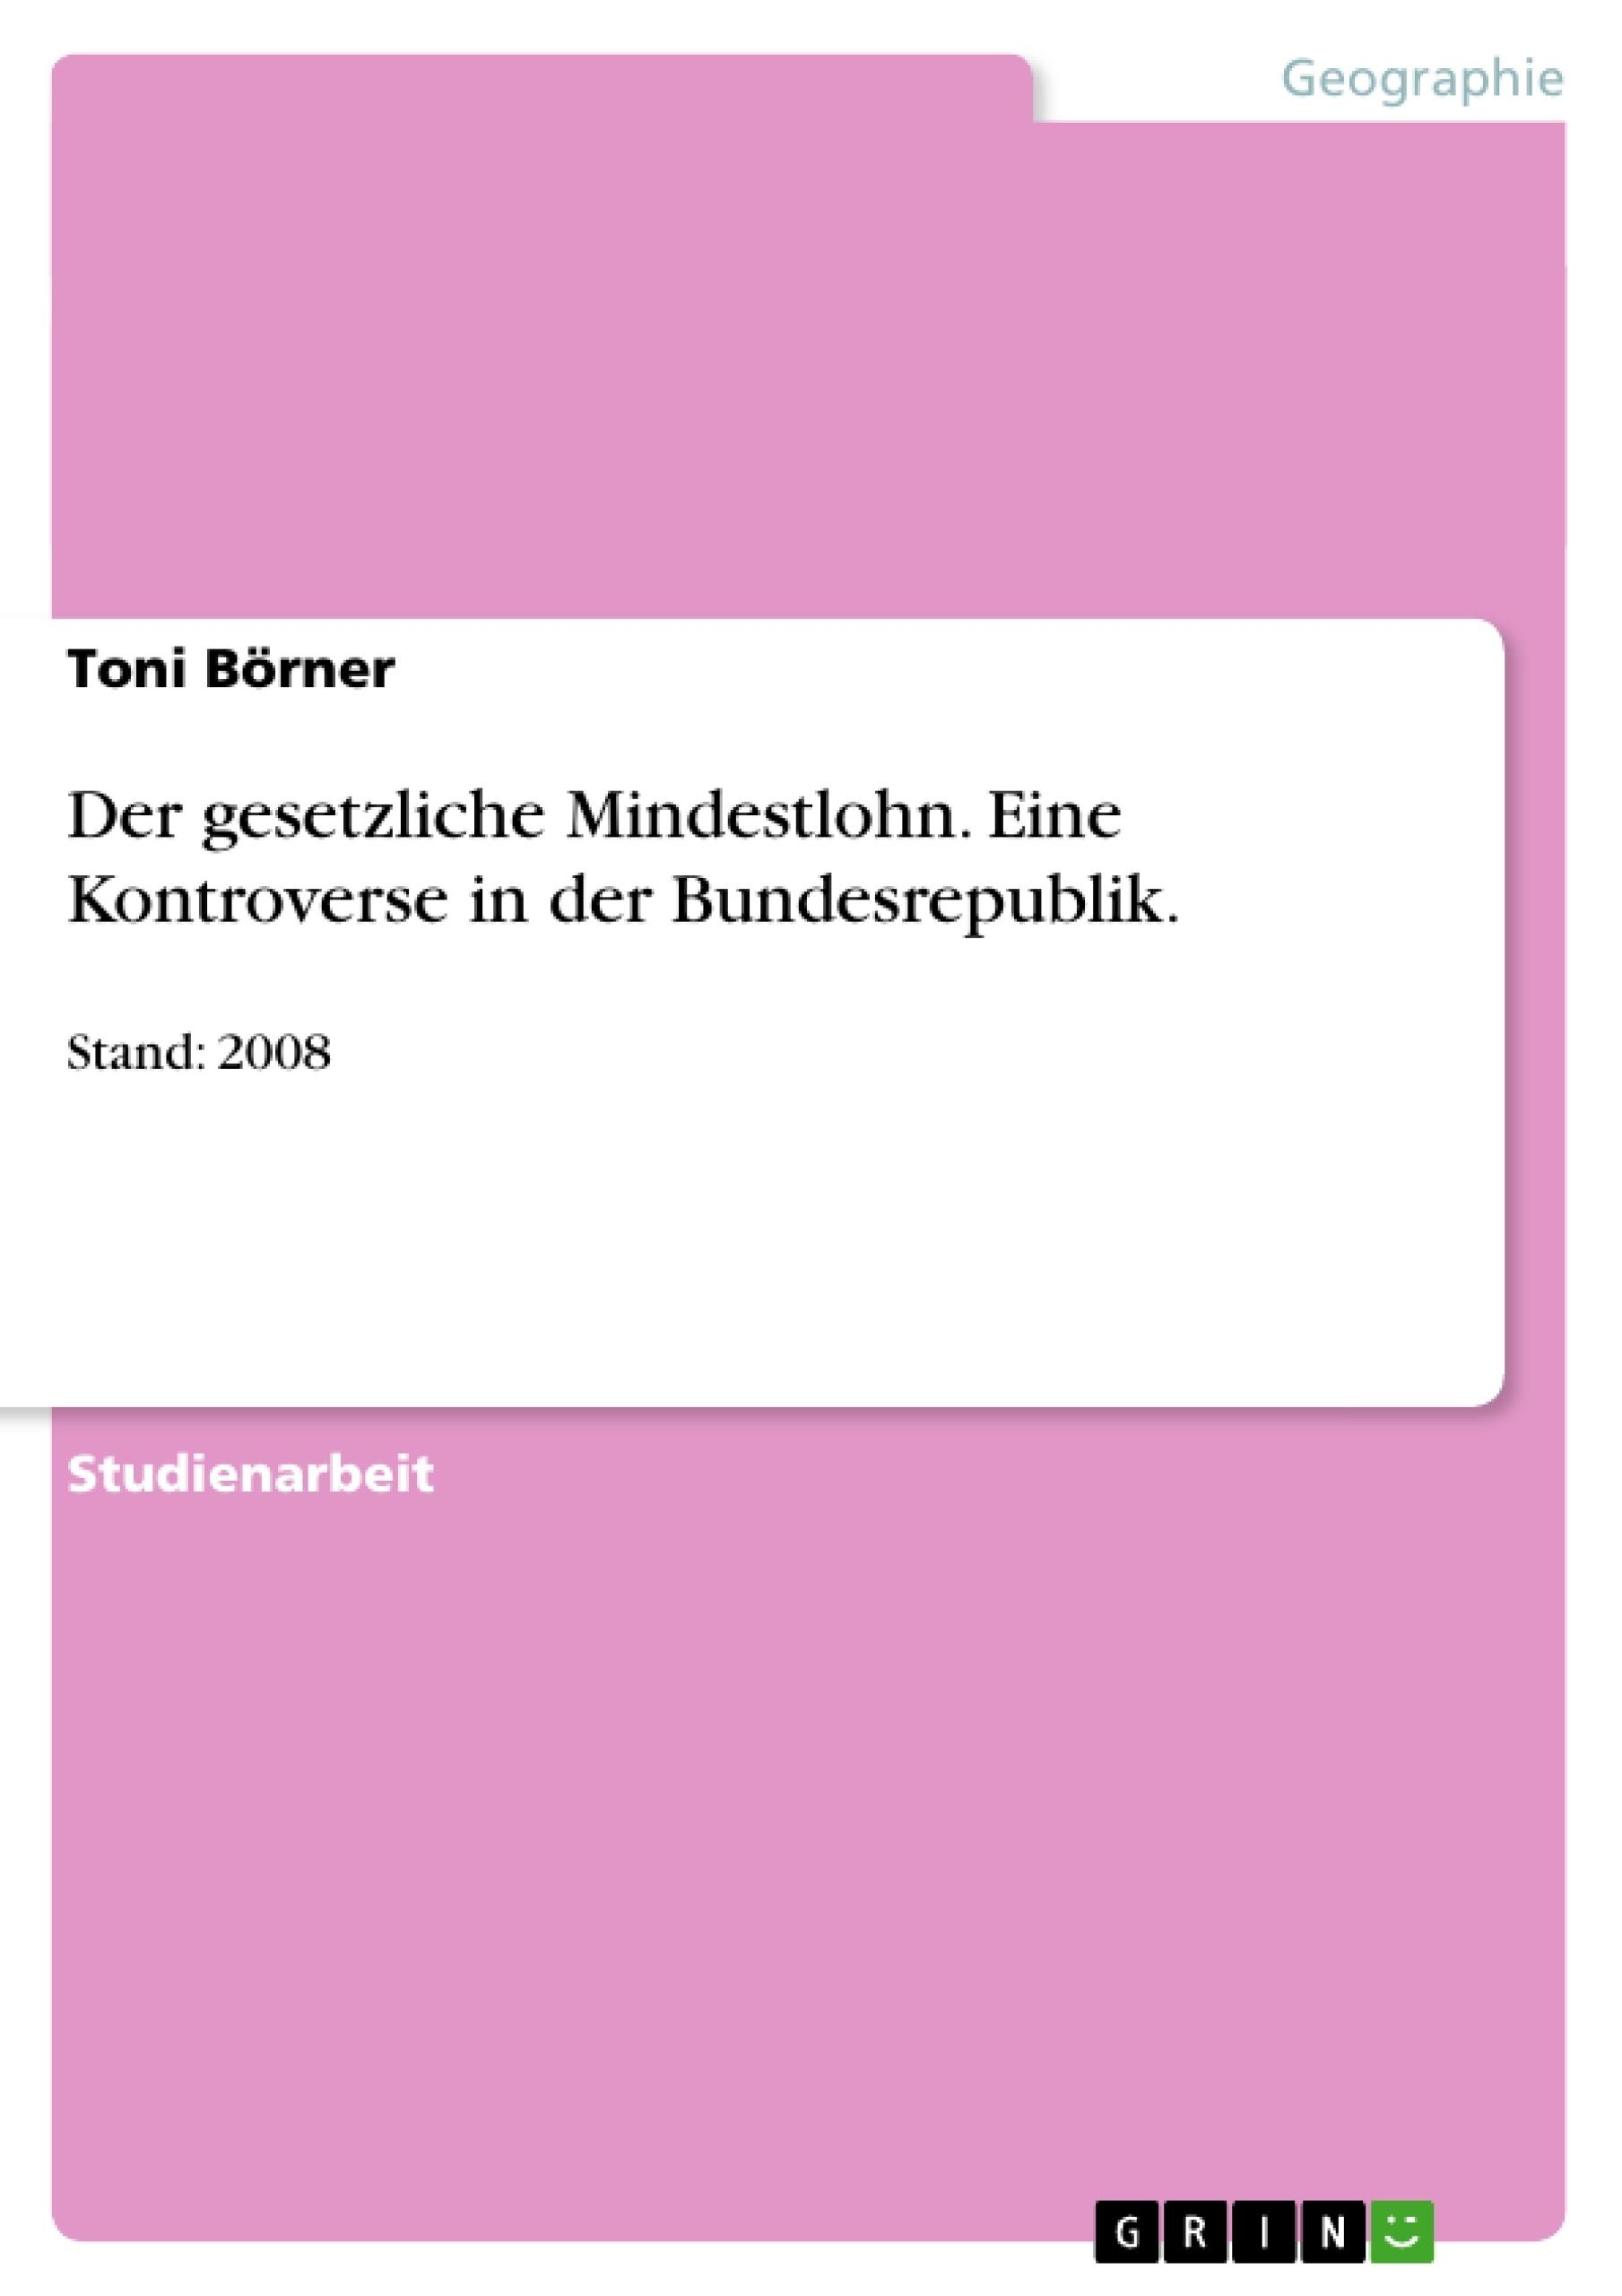 Titel: Der gesetzliche Mindestlohn. Eine Kontroverse in der Bundesrepublik.